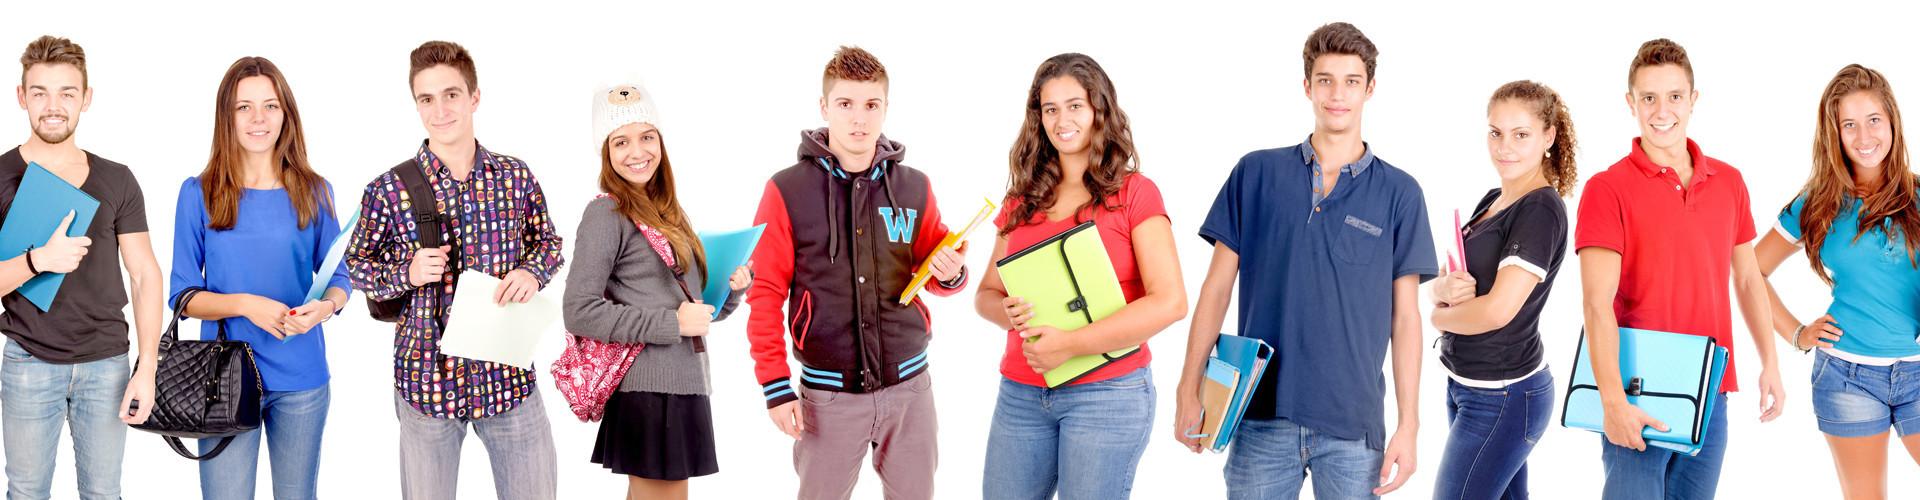 Zehn Schülerinnen und Schüler stehen nebeneinander und halten Schulsachen in den Händen © verkoka, stock.adobe.com